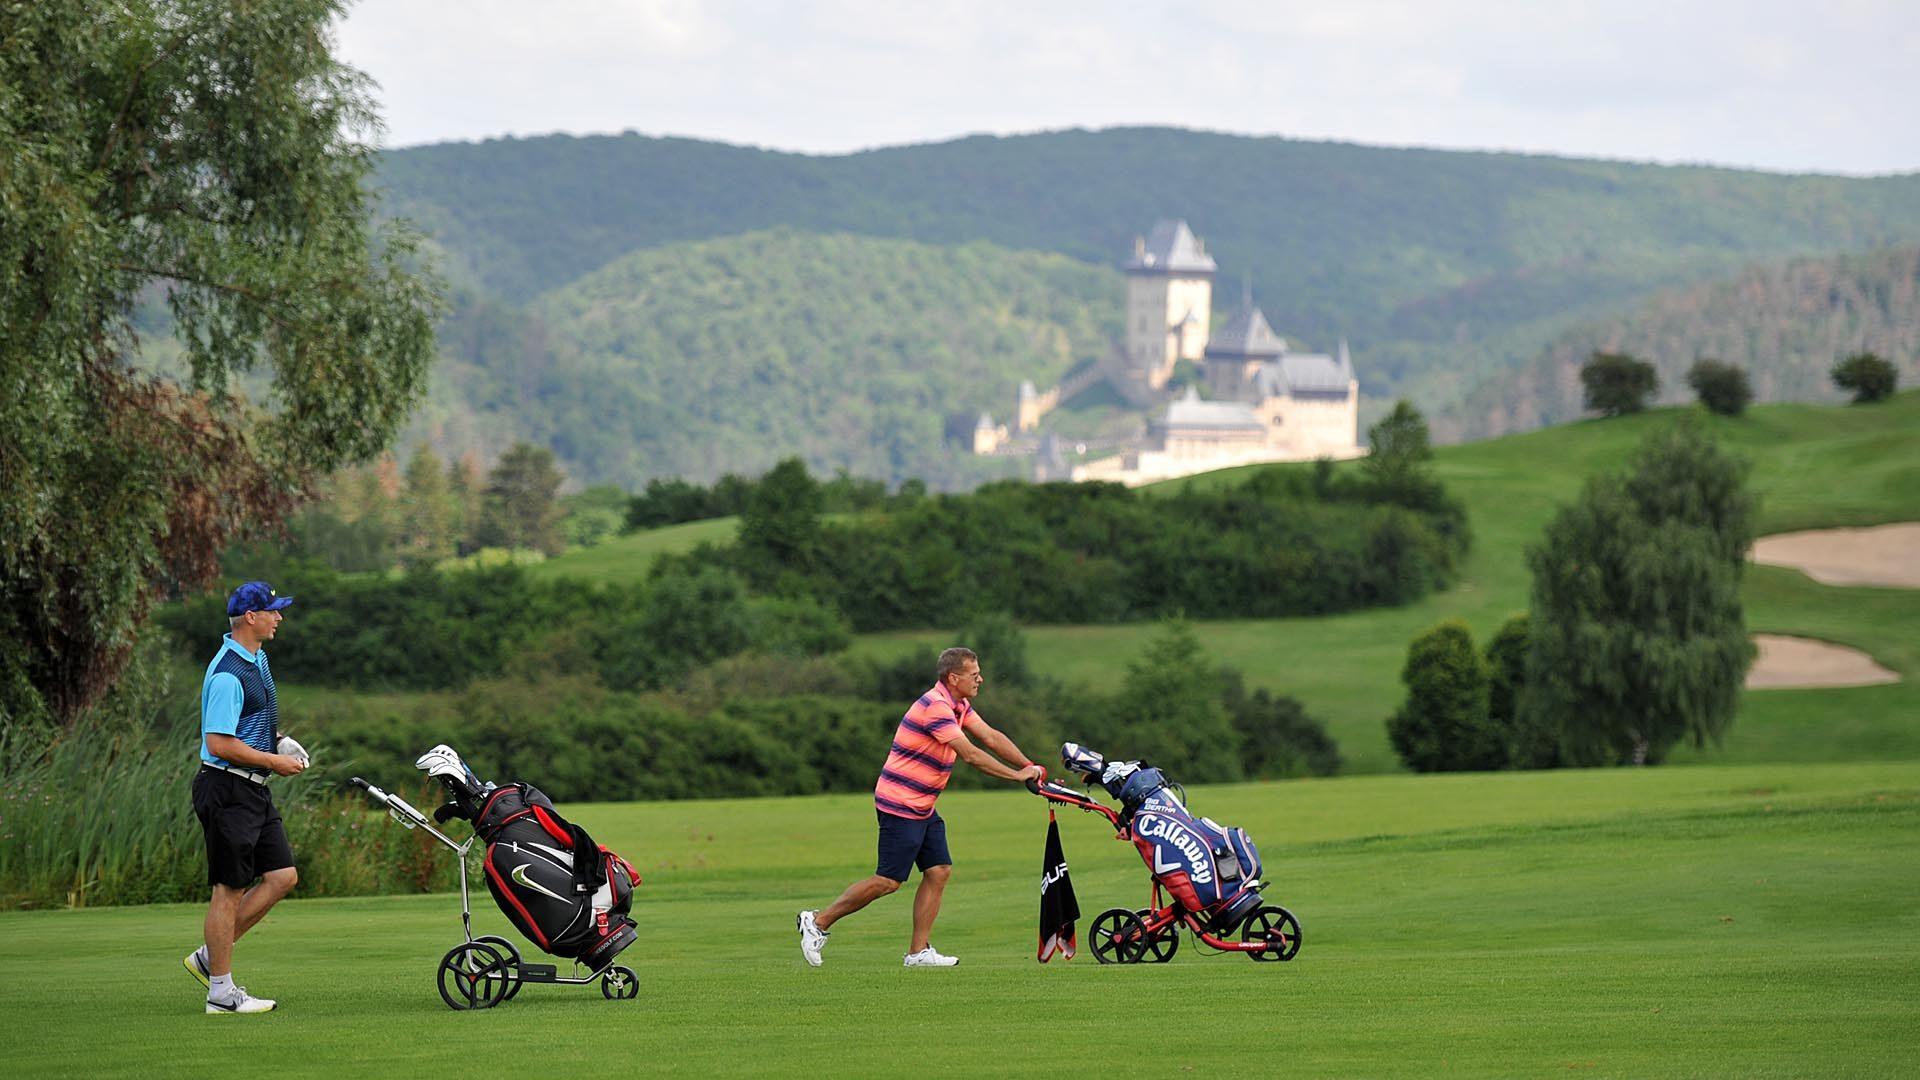 Fotogalerie z turnaje Golf Channel Open 6/2021